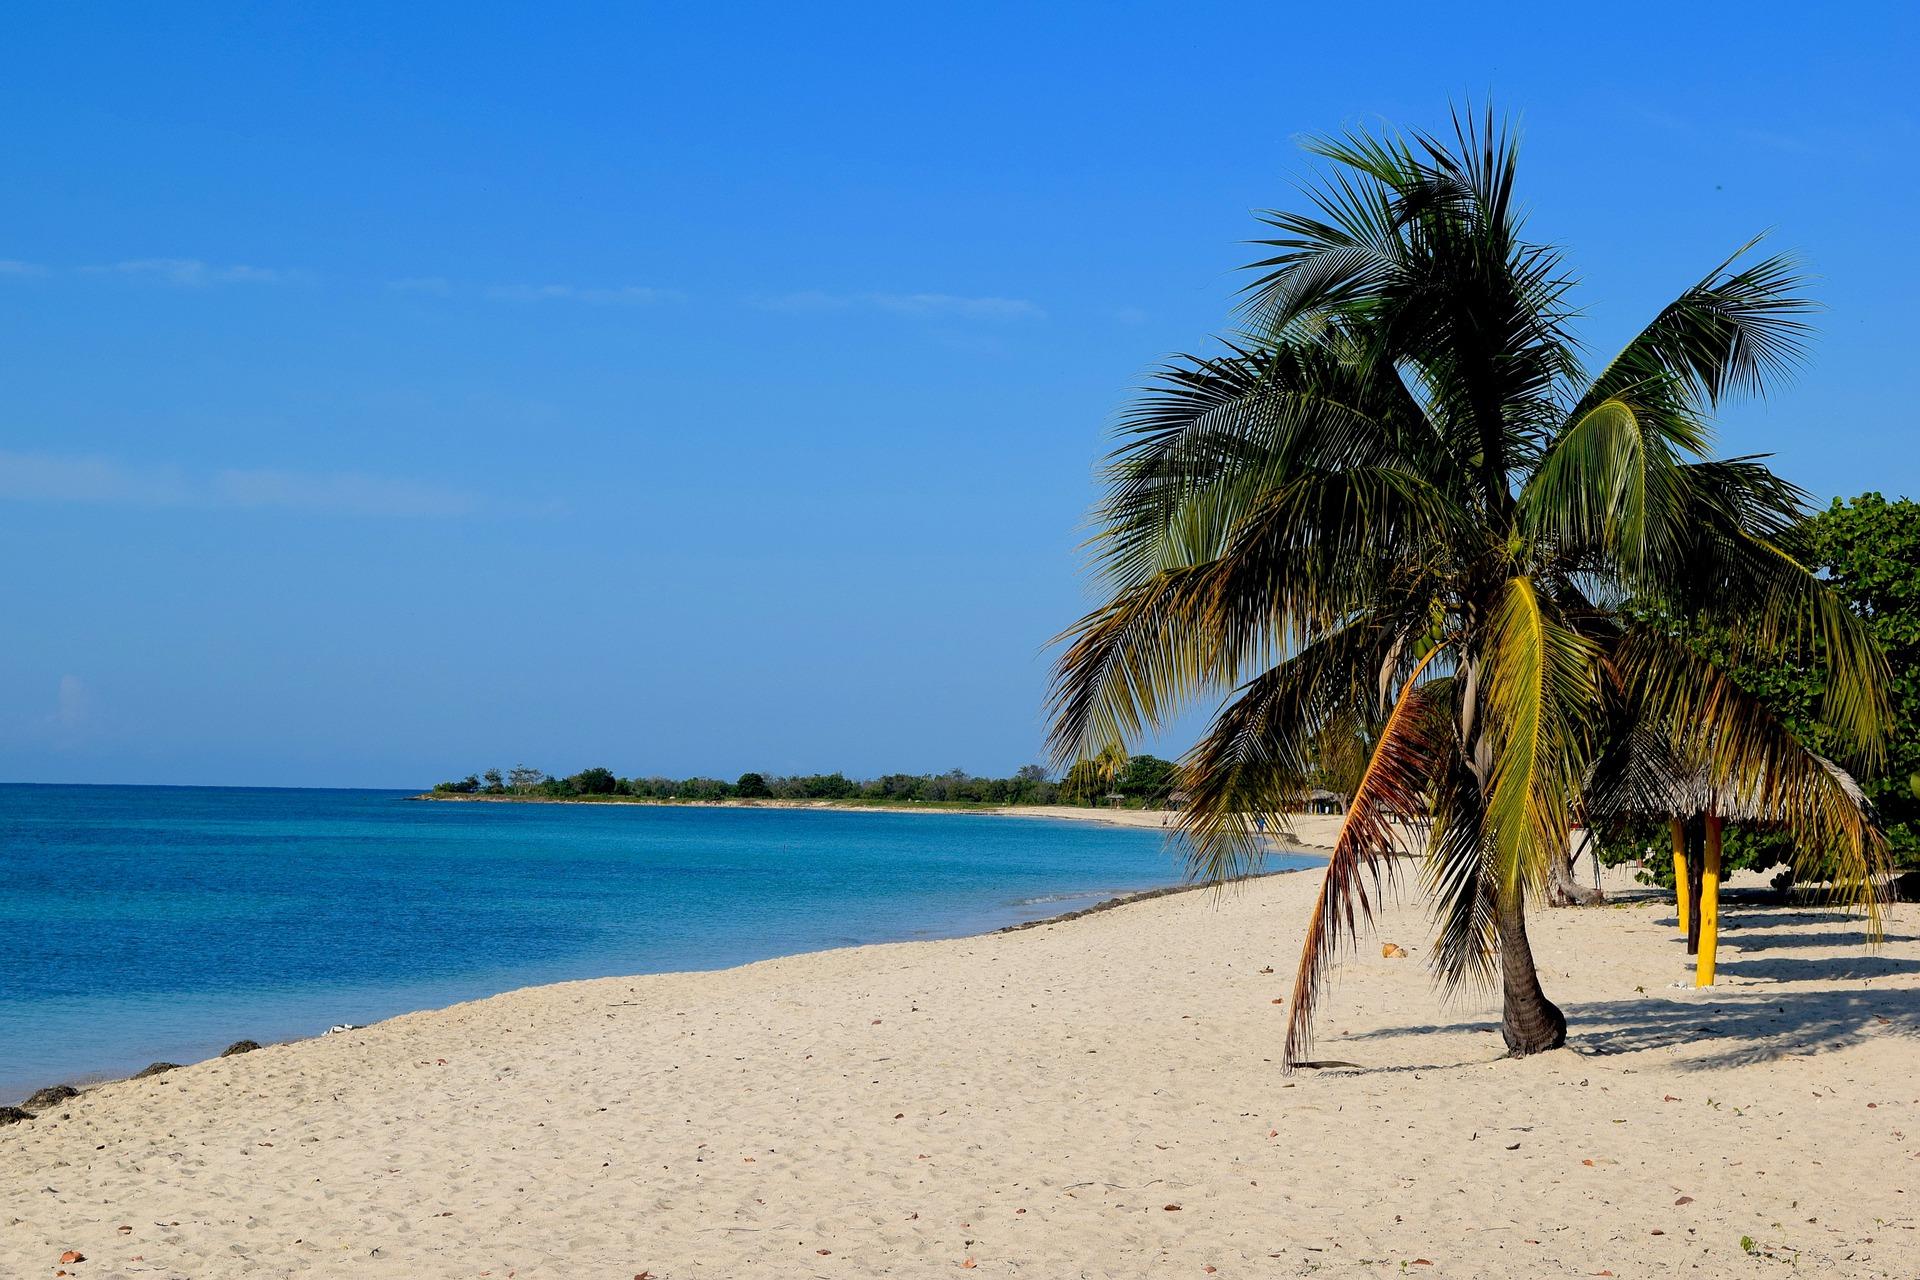 beach-2356300_1920